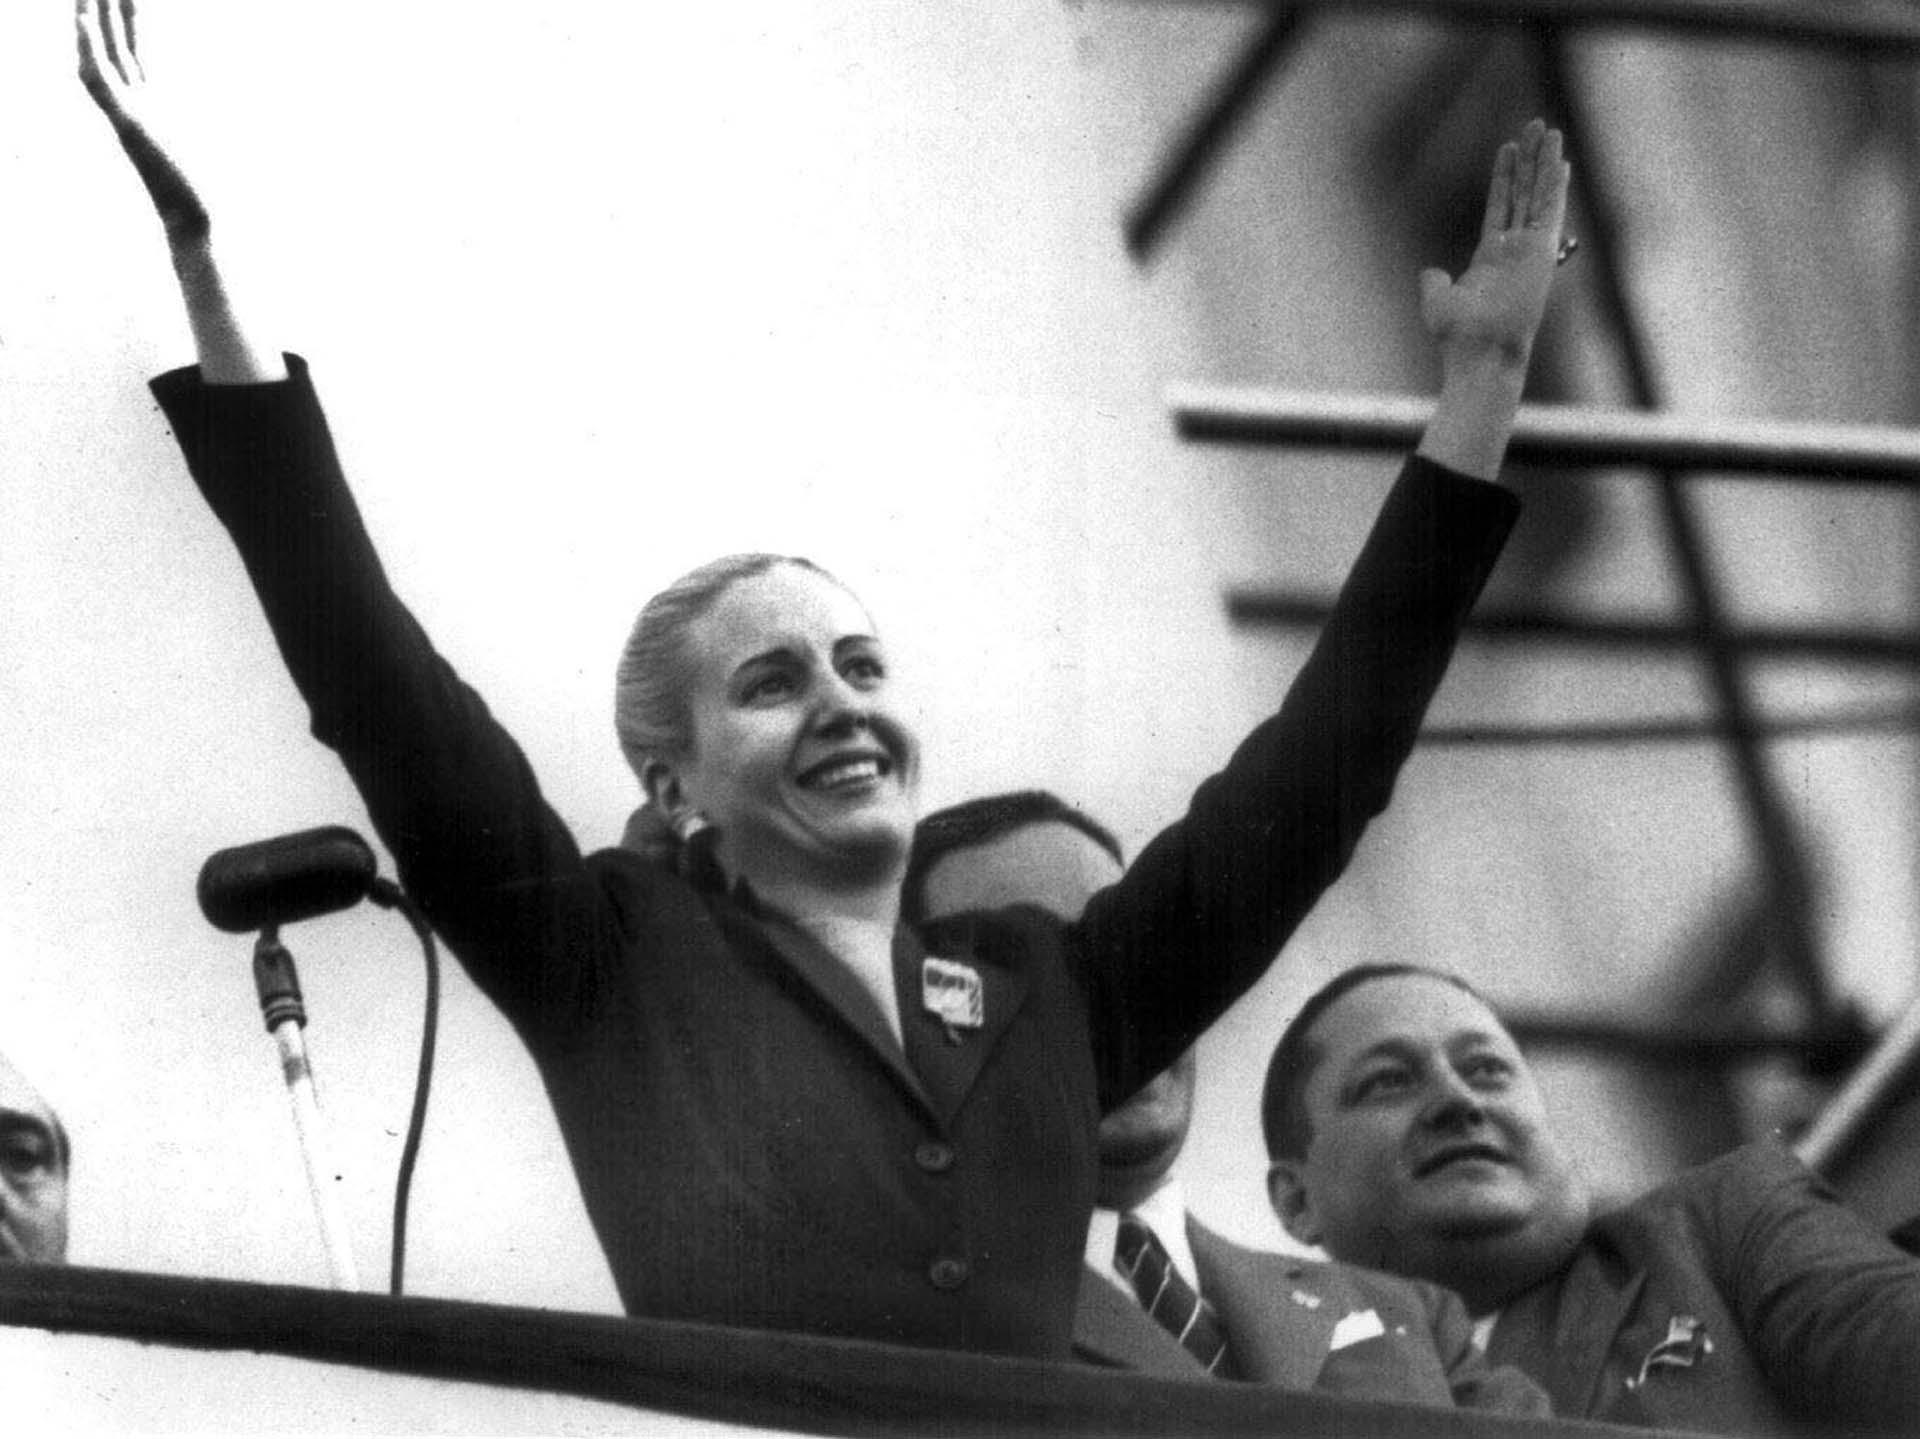 Eva Perón en 33 imágenes: de la niñez al mito en el día de su nacimiento -  Infobae